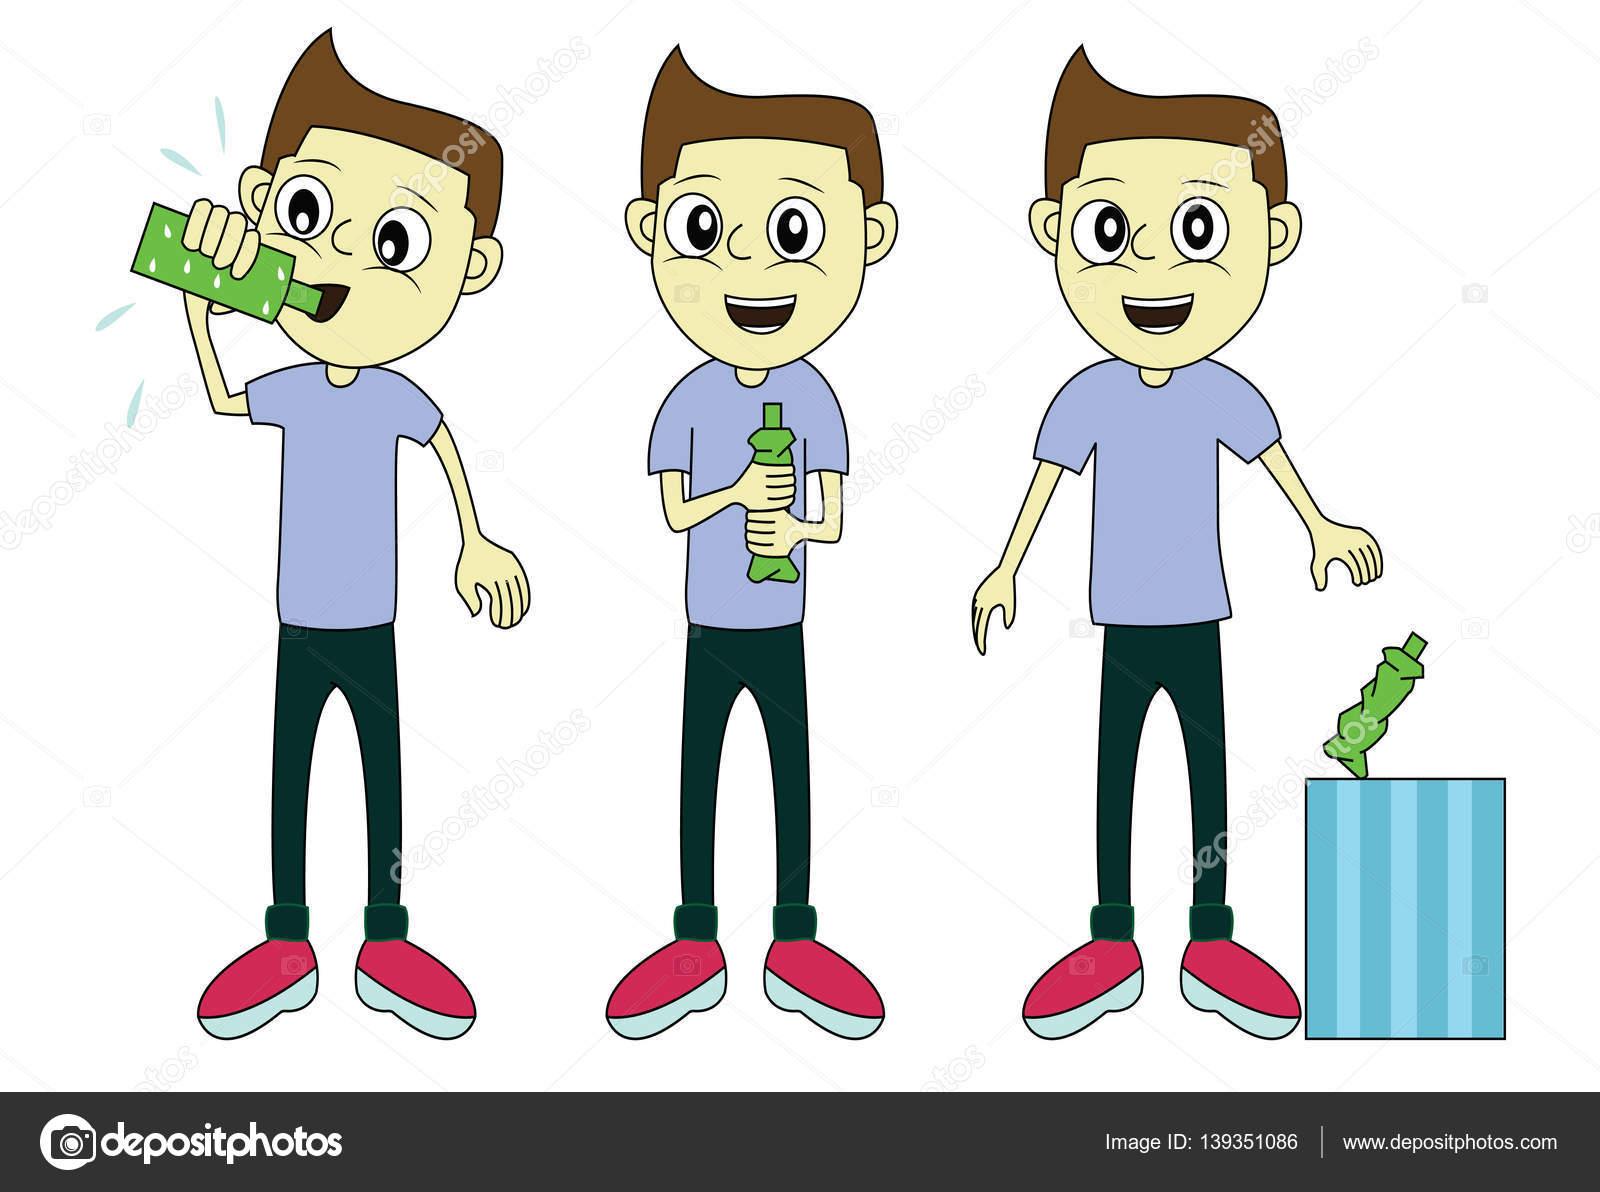 Dibujos Del Cuidado Del Medio Ambiente Boy Hacer Dibujos